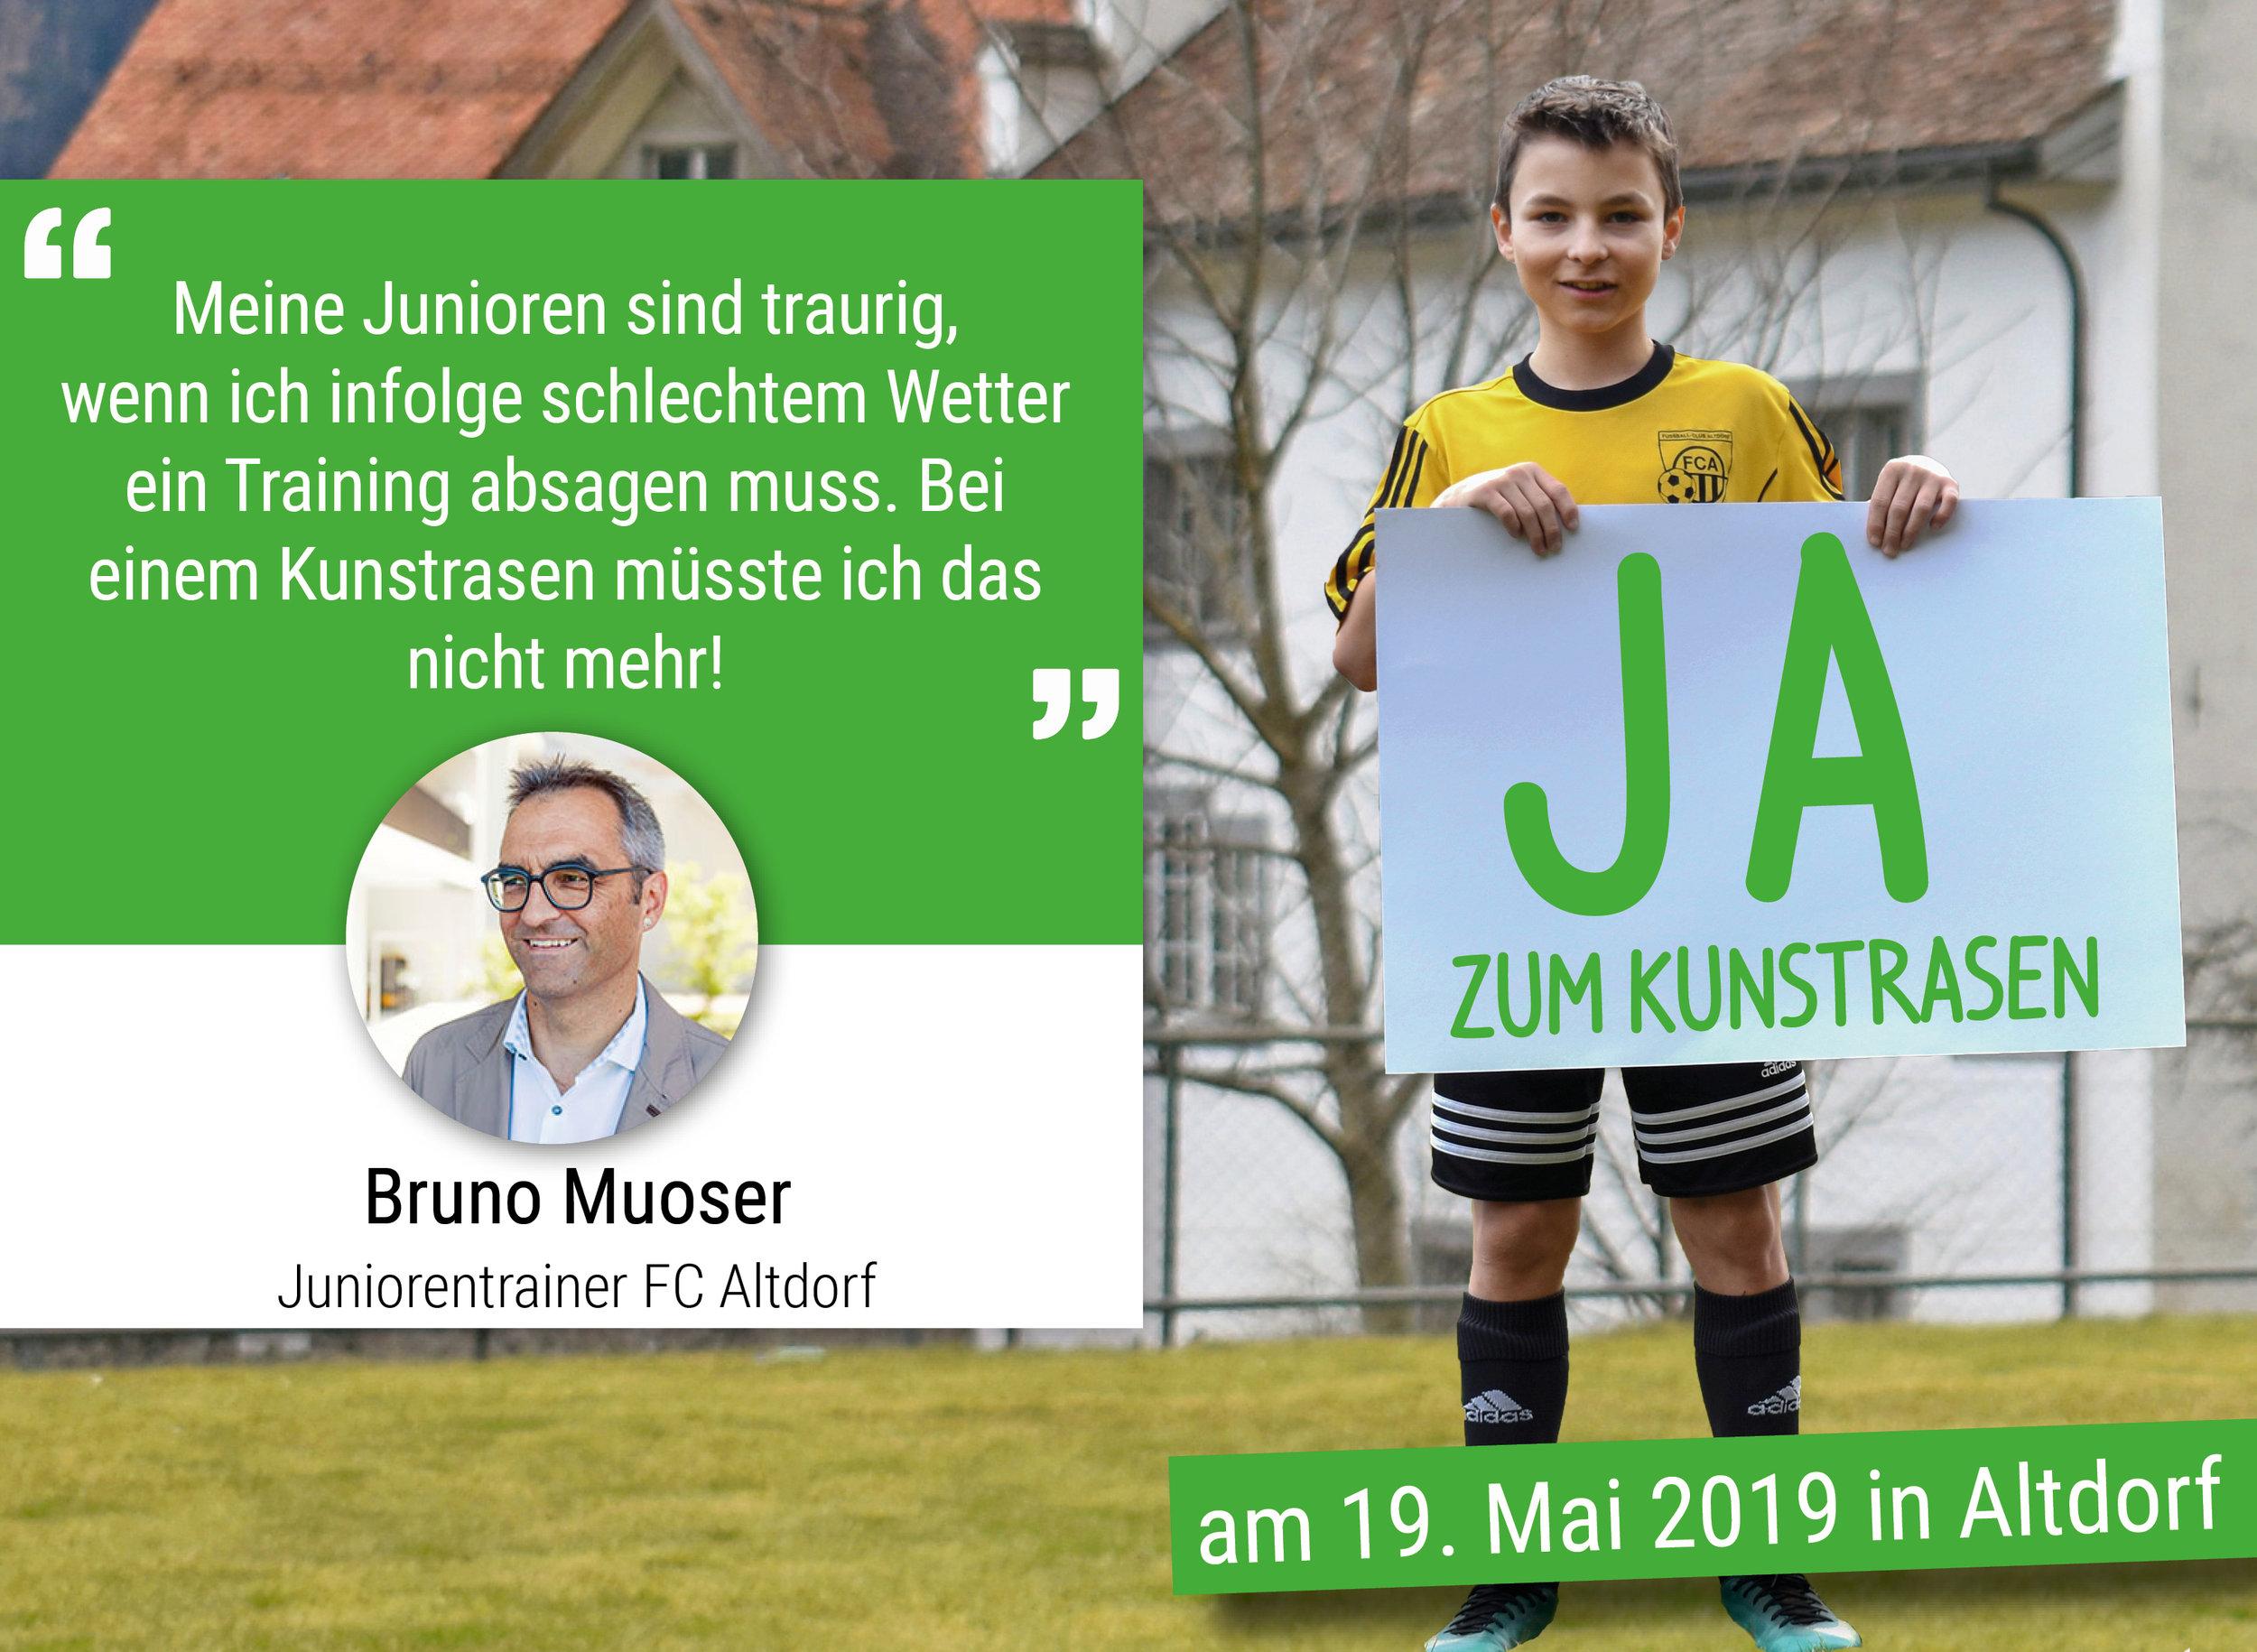 Bruno Muoser